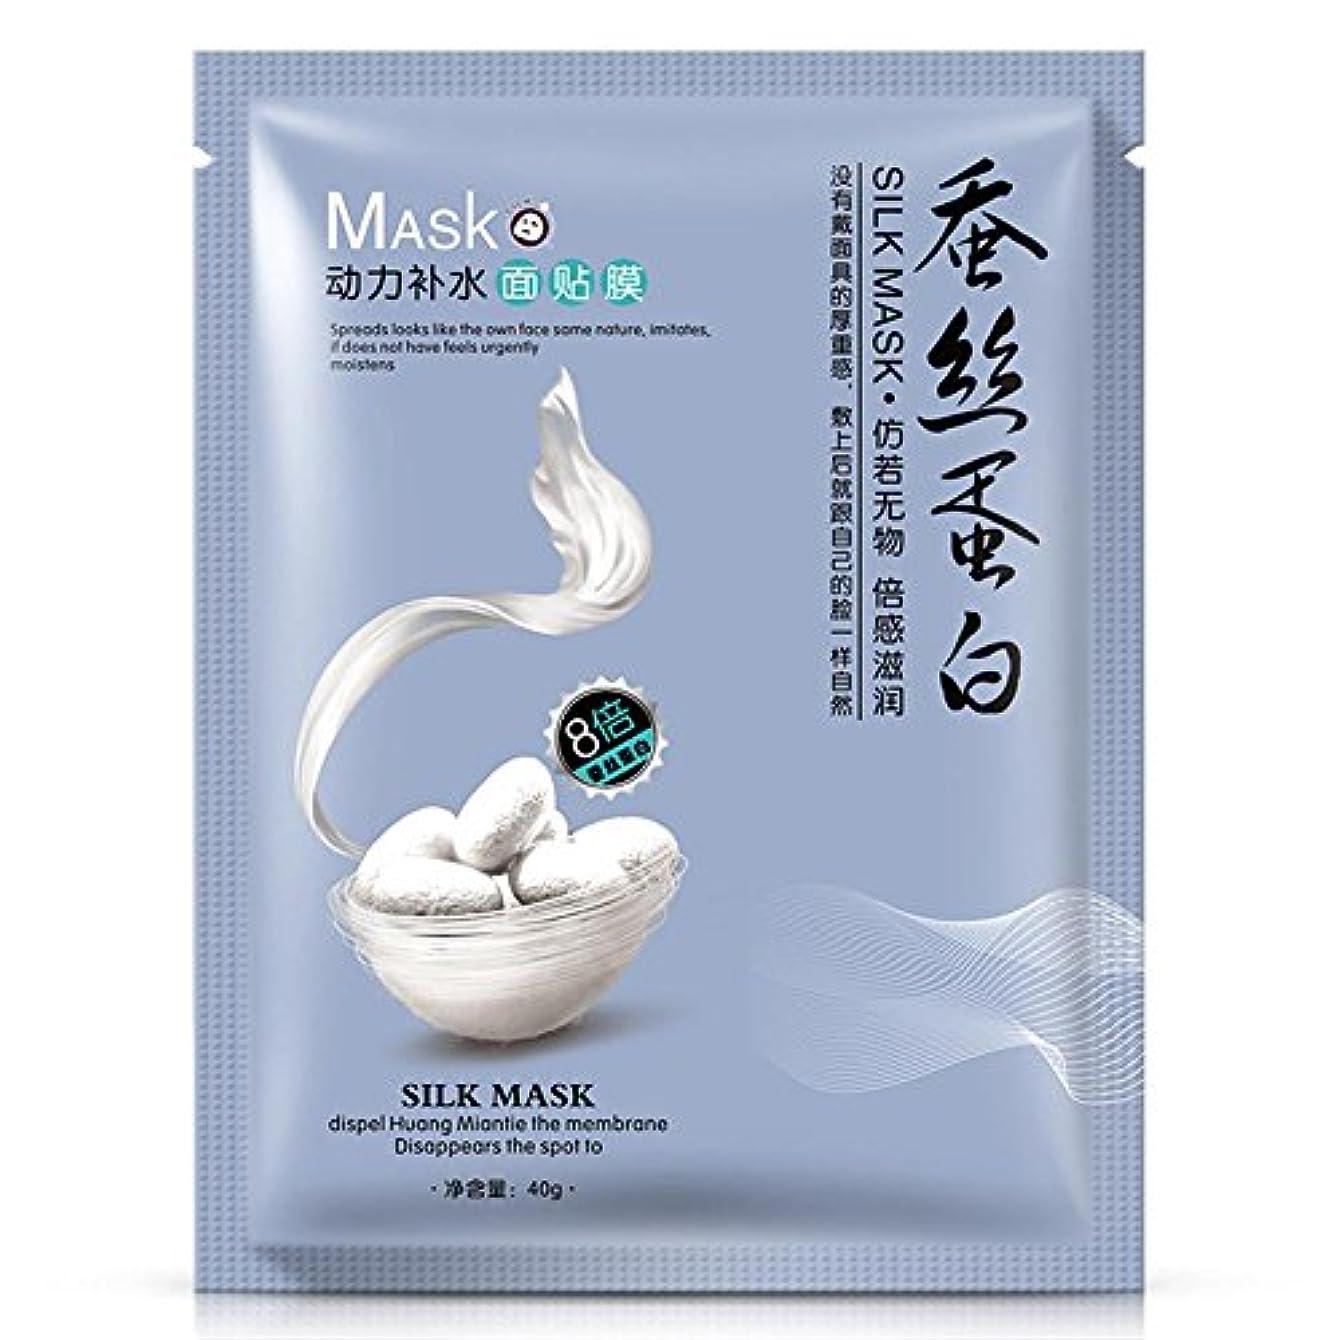 賢い剣確認するSILUN 1ピースワンスプリングシルクプロテイン保湿フェイシャルマスクオイルコントロールにきび除去ホワイトニング化粧品保湿フェイスマスク